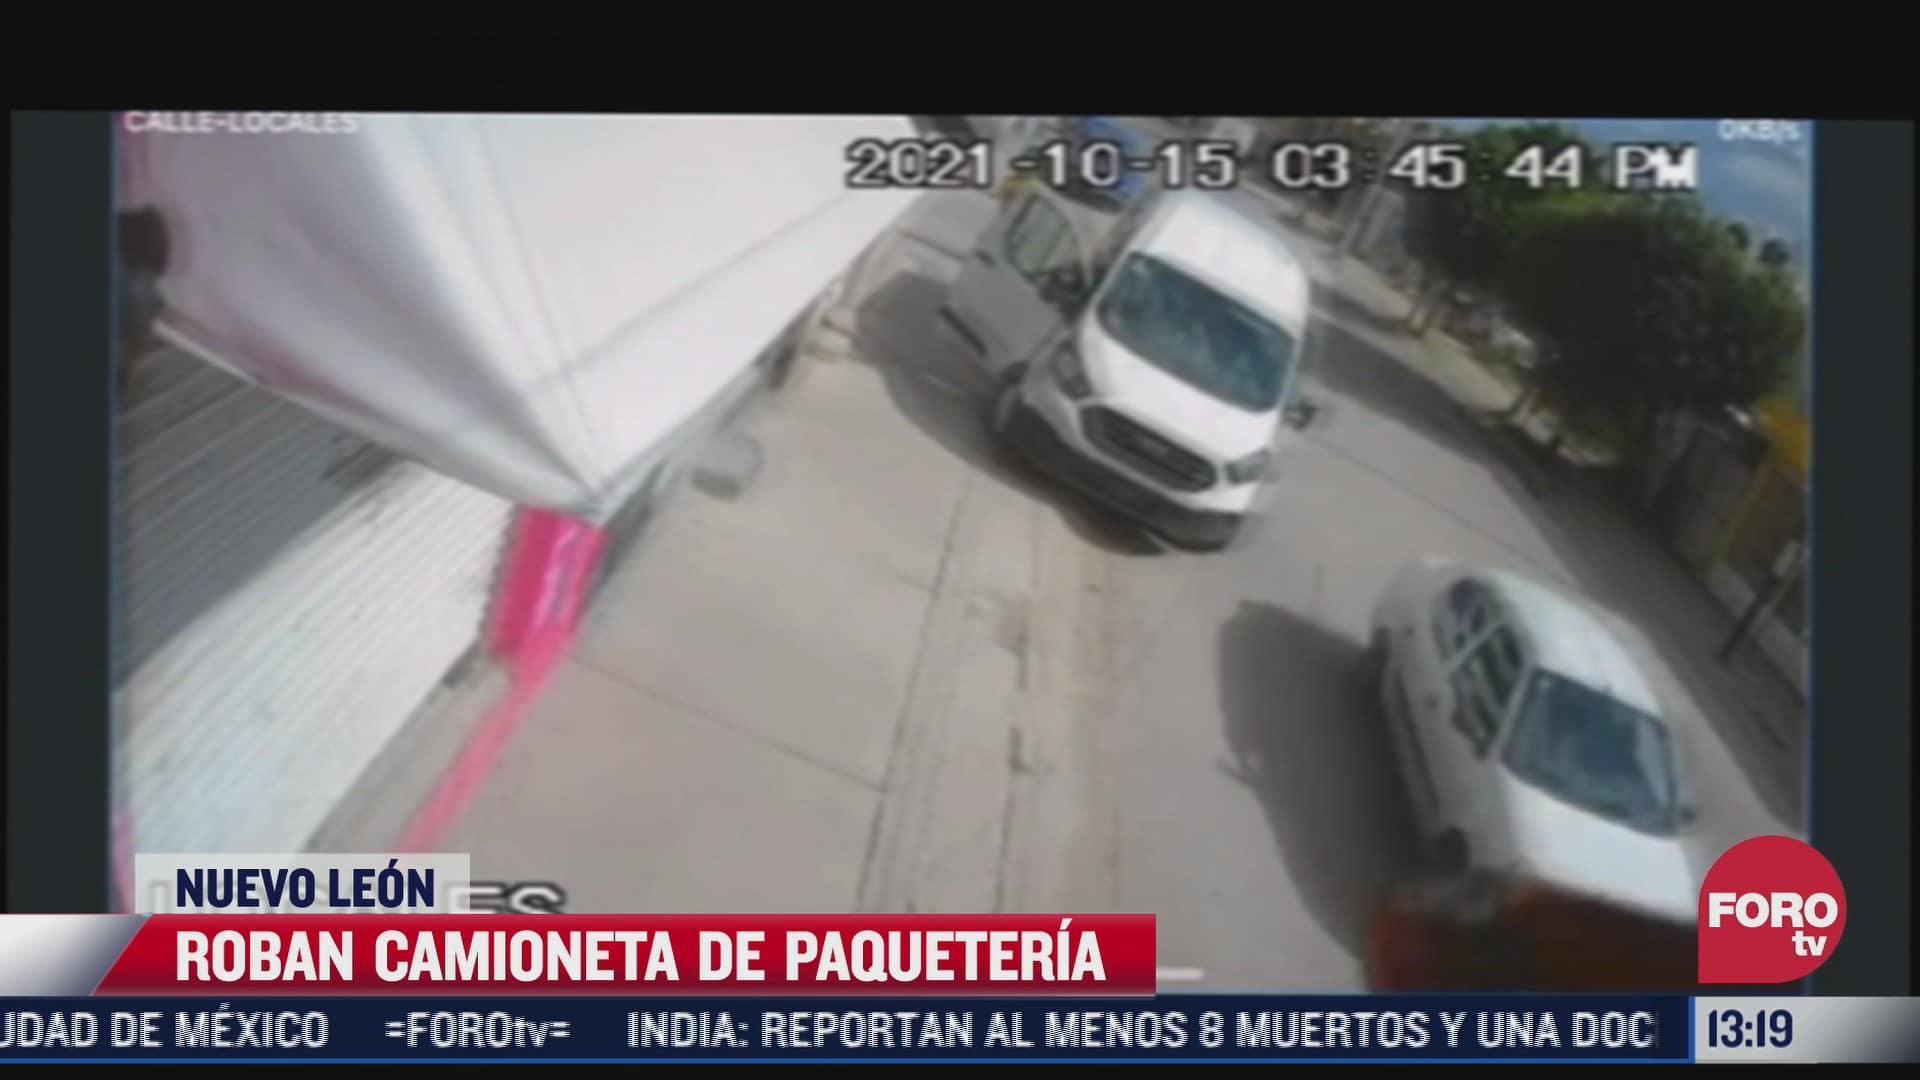 roban camioneta de paqueteria en nuevo leon